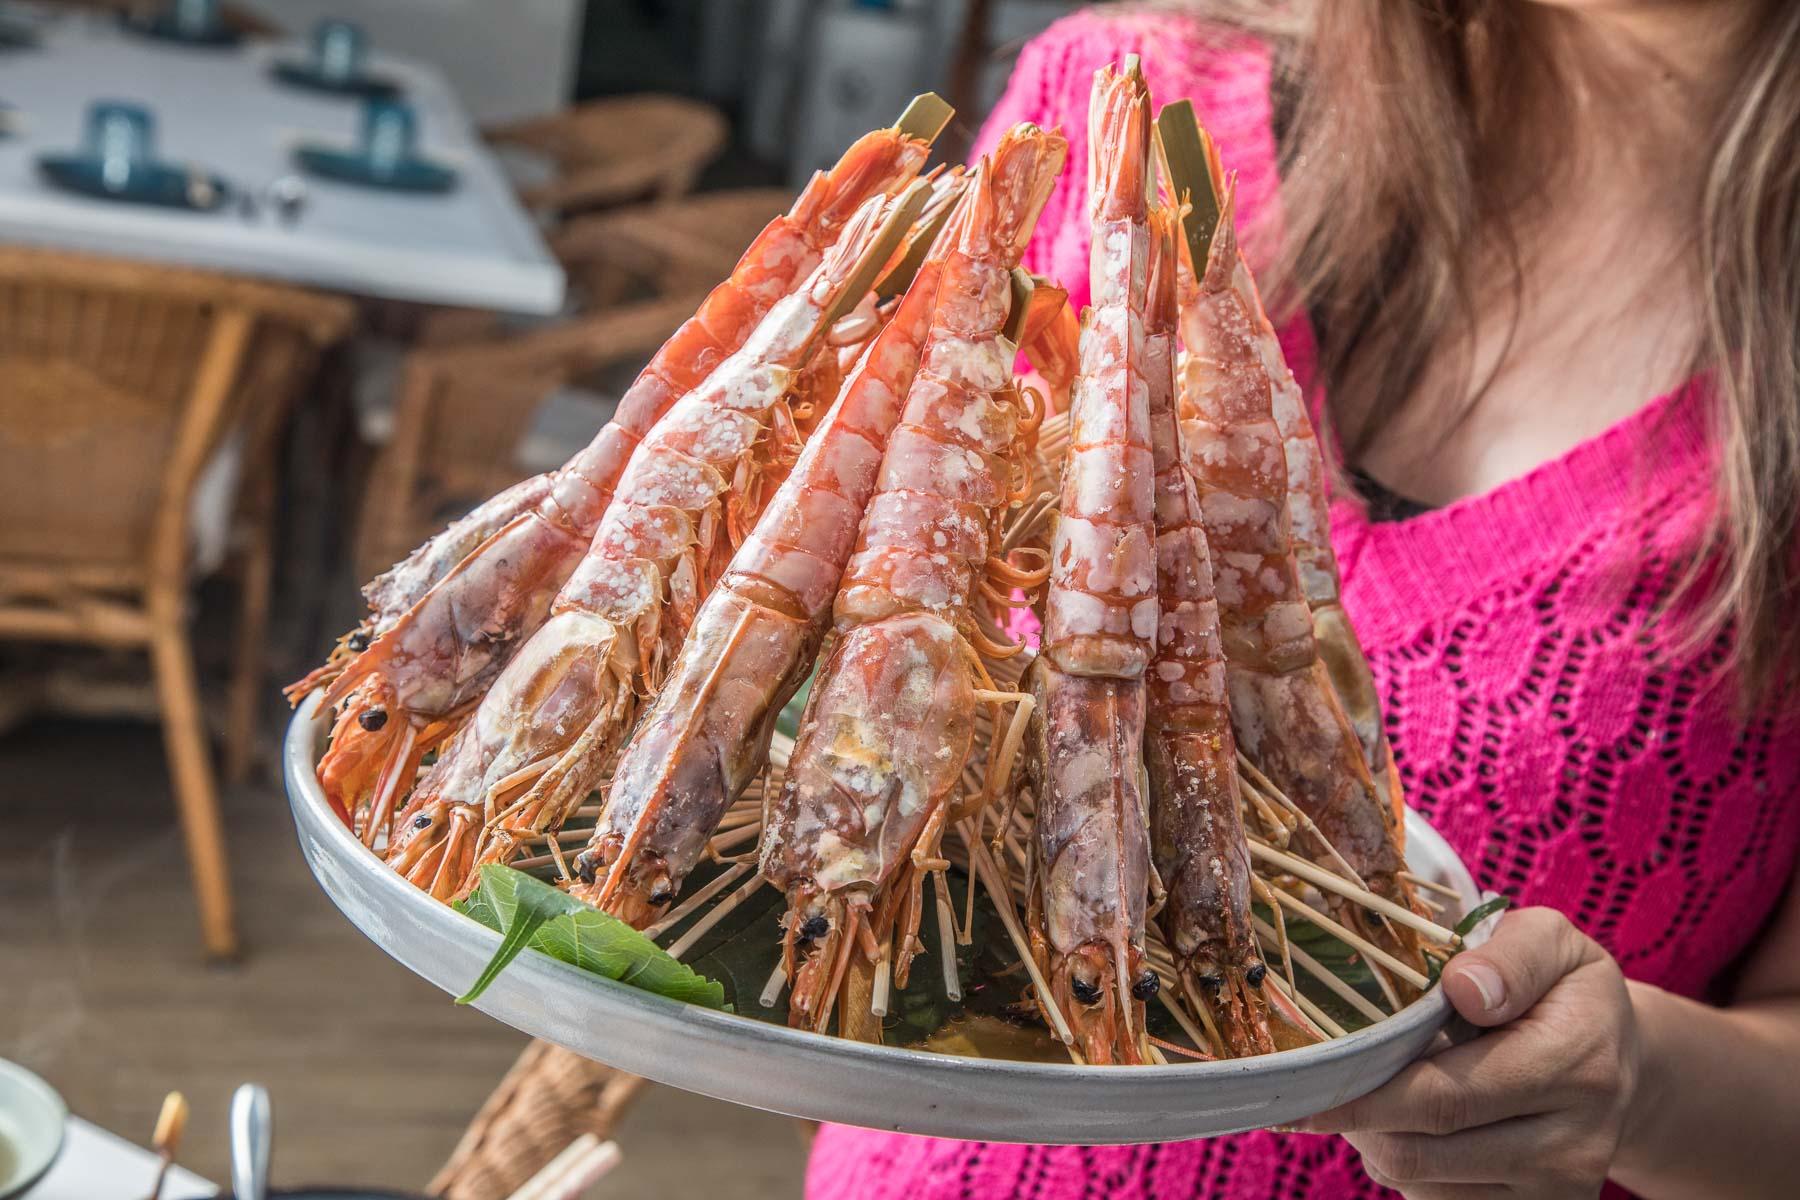 [桃園美食]蘭塔泰食/媽,我贏了15隻巴掌大的烤天使紅蝦!渡假風道地泰式料理餐廳